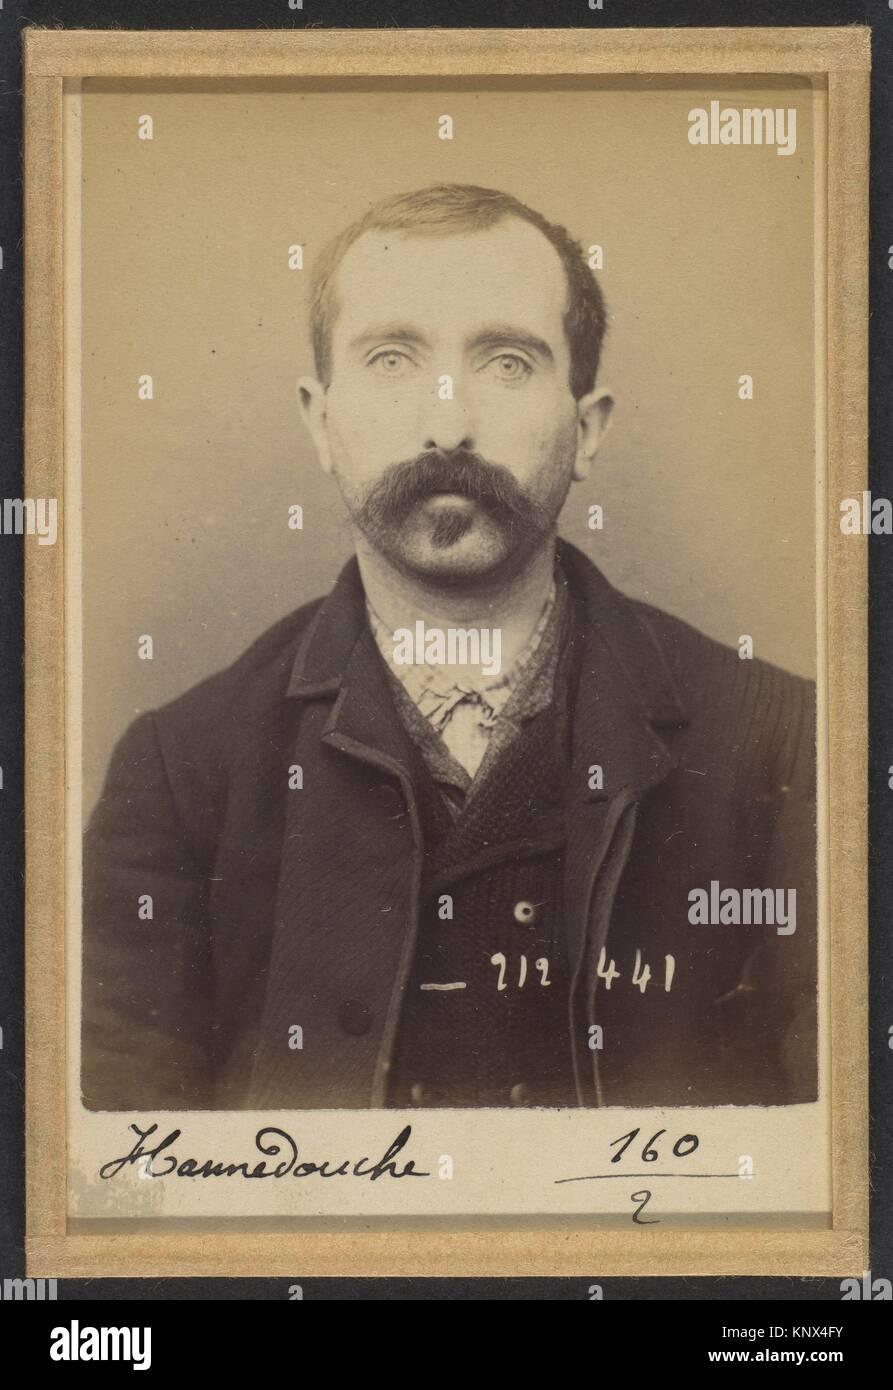 Hannedouche. François. 31 ans, né à Lilleris (Pas de Calais). Peintre en bâtiments. Anarchiste. - Stock Image